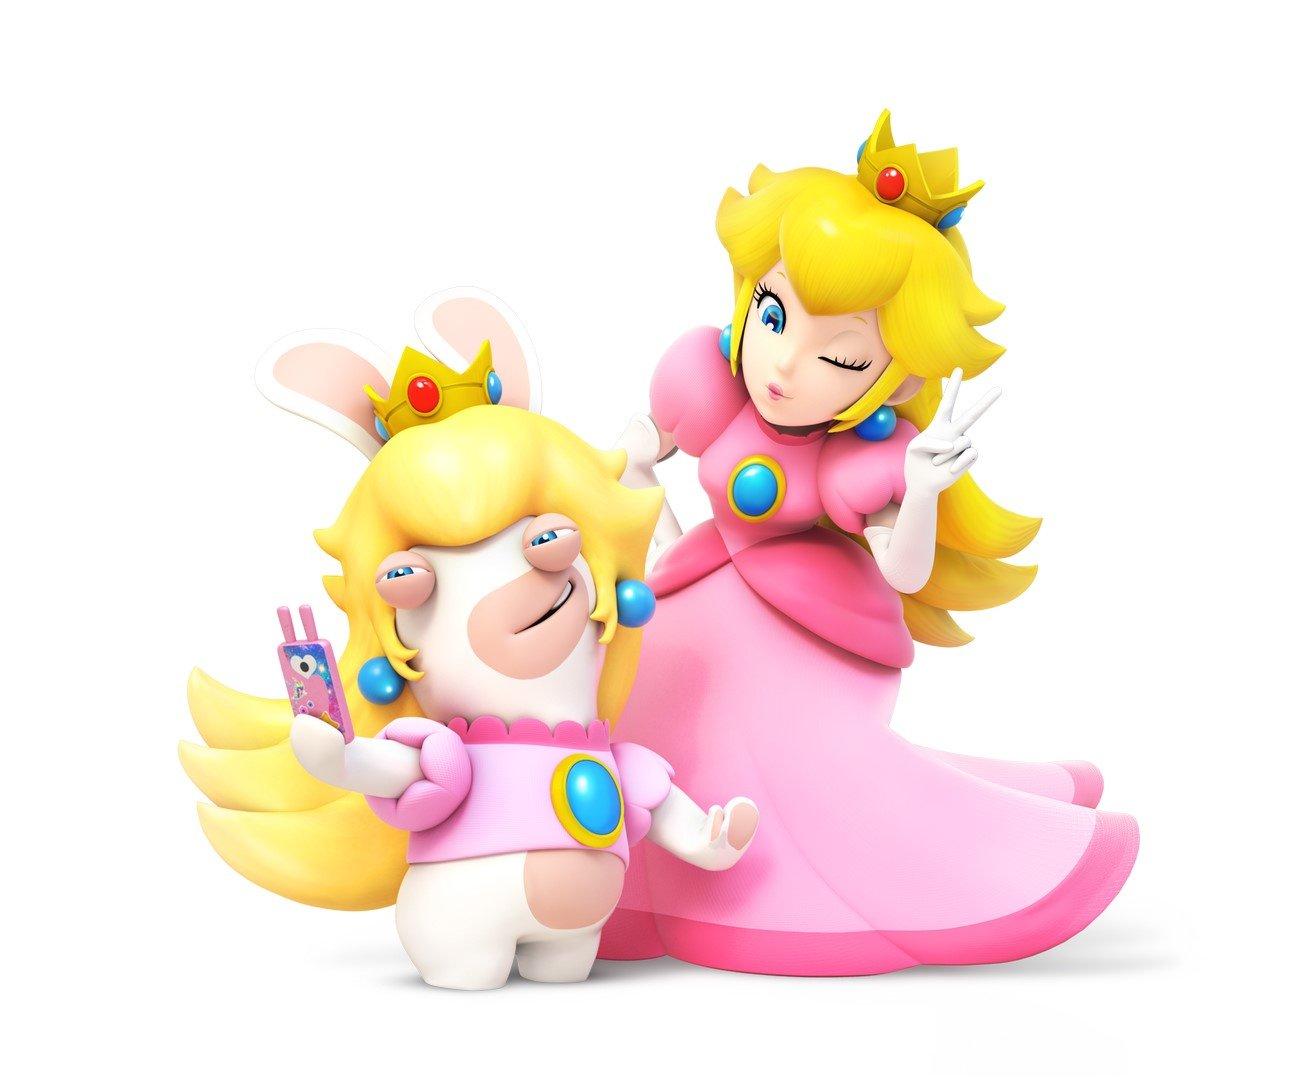 Mario+Rabbids-Peach